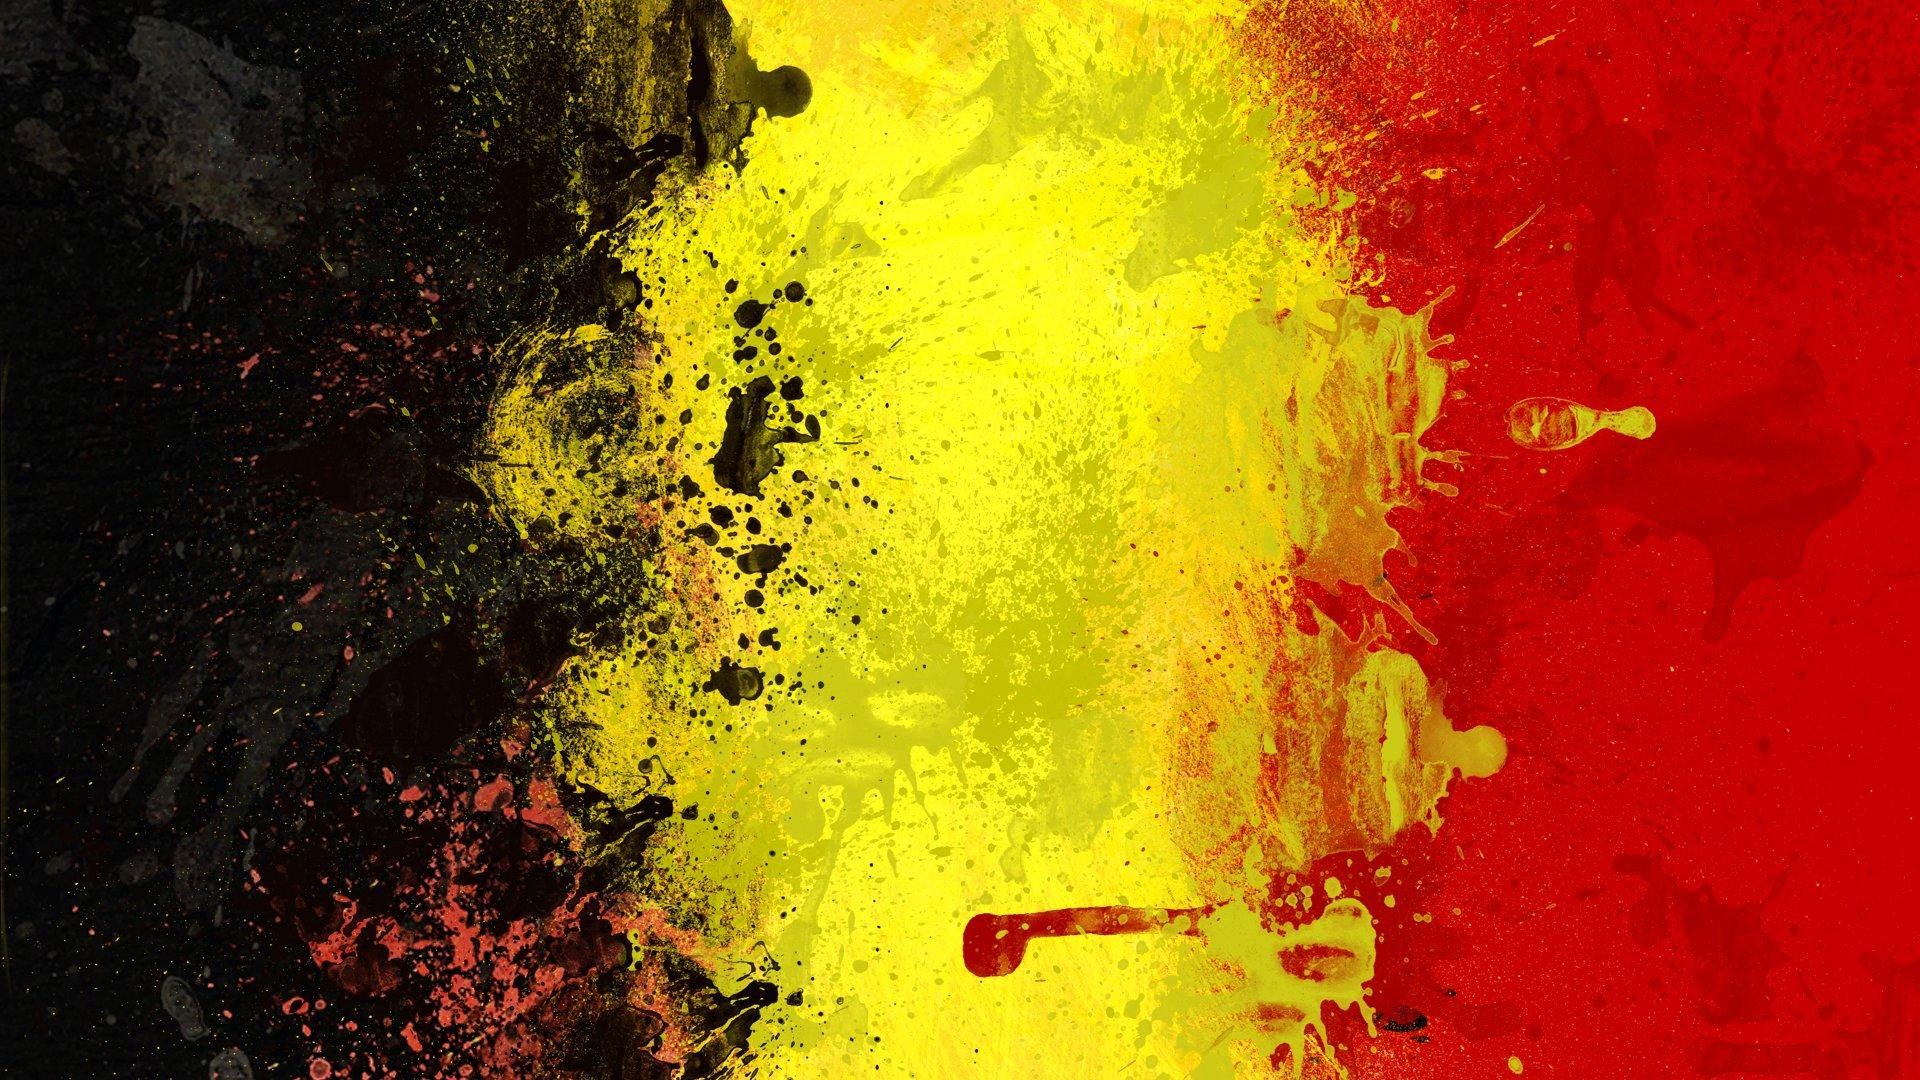 http://hdwallpapersfactory.com/wallpaper/belgian_flag_by_magnaen_d3io7ab_desktop_1920x1080_hd-wallpaper-1216824.jpg